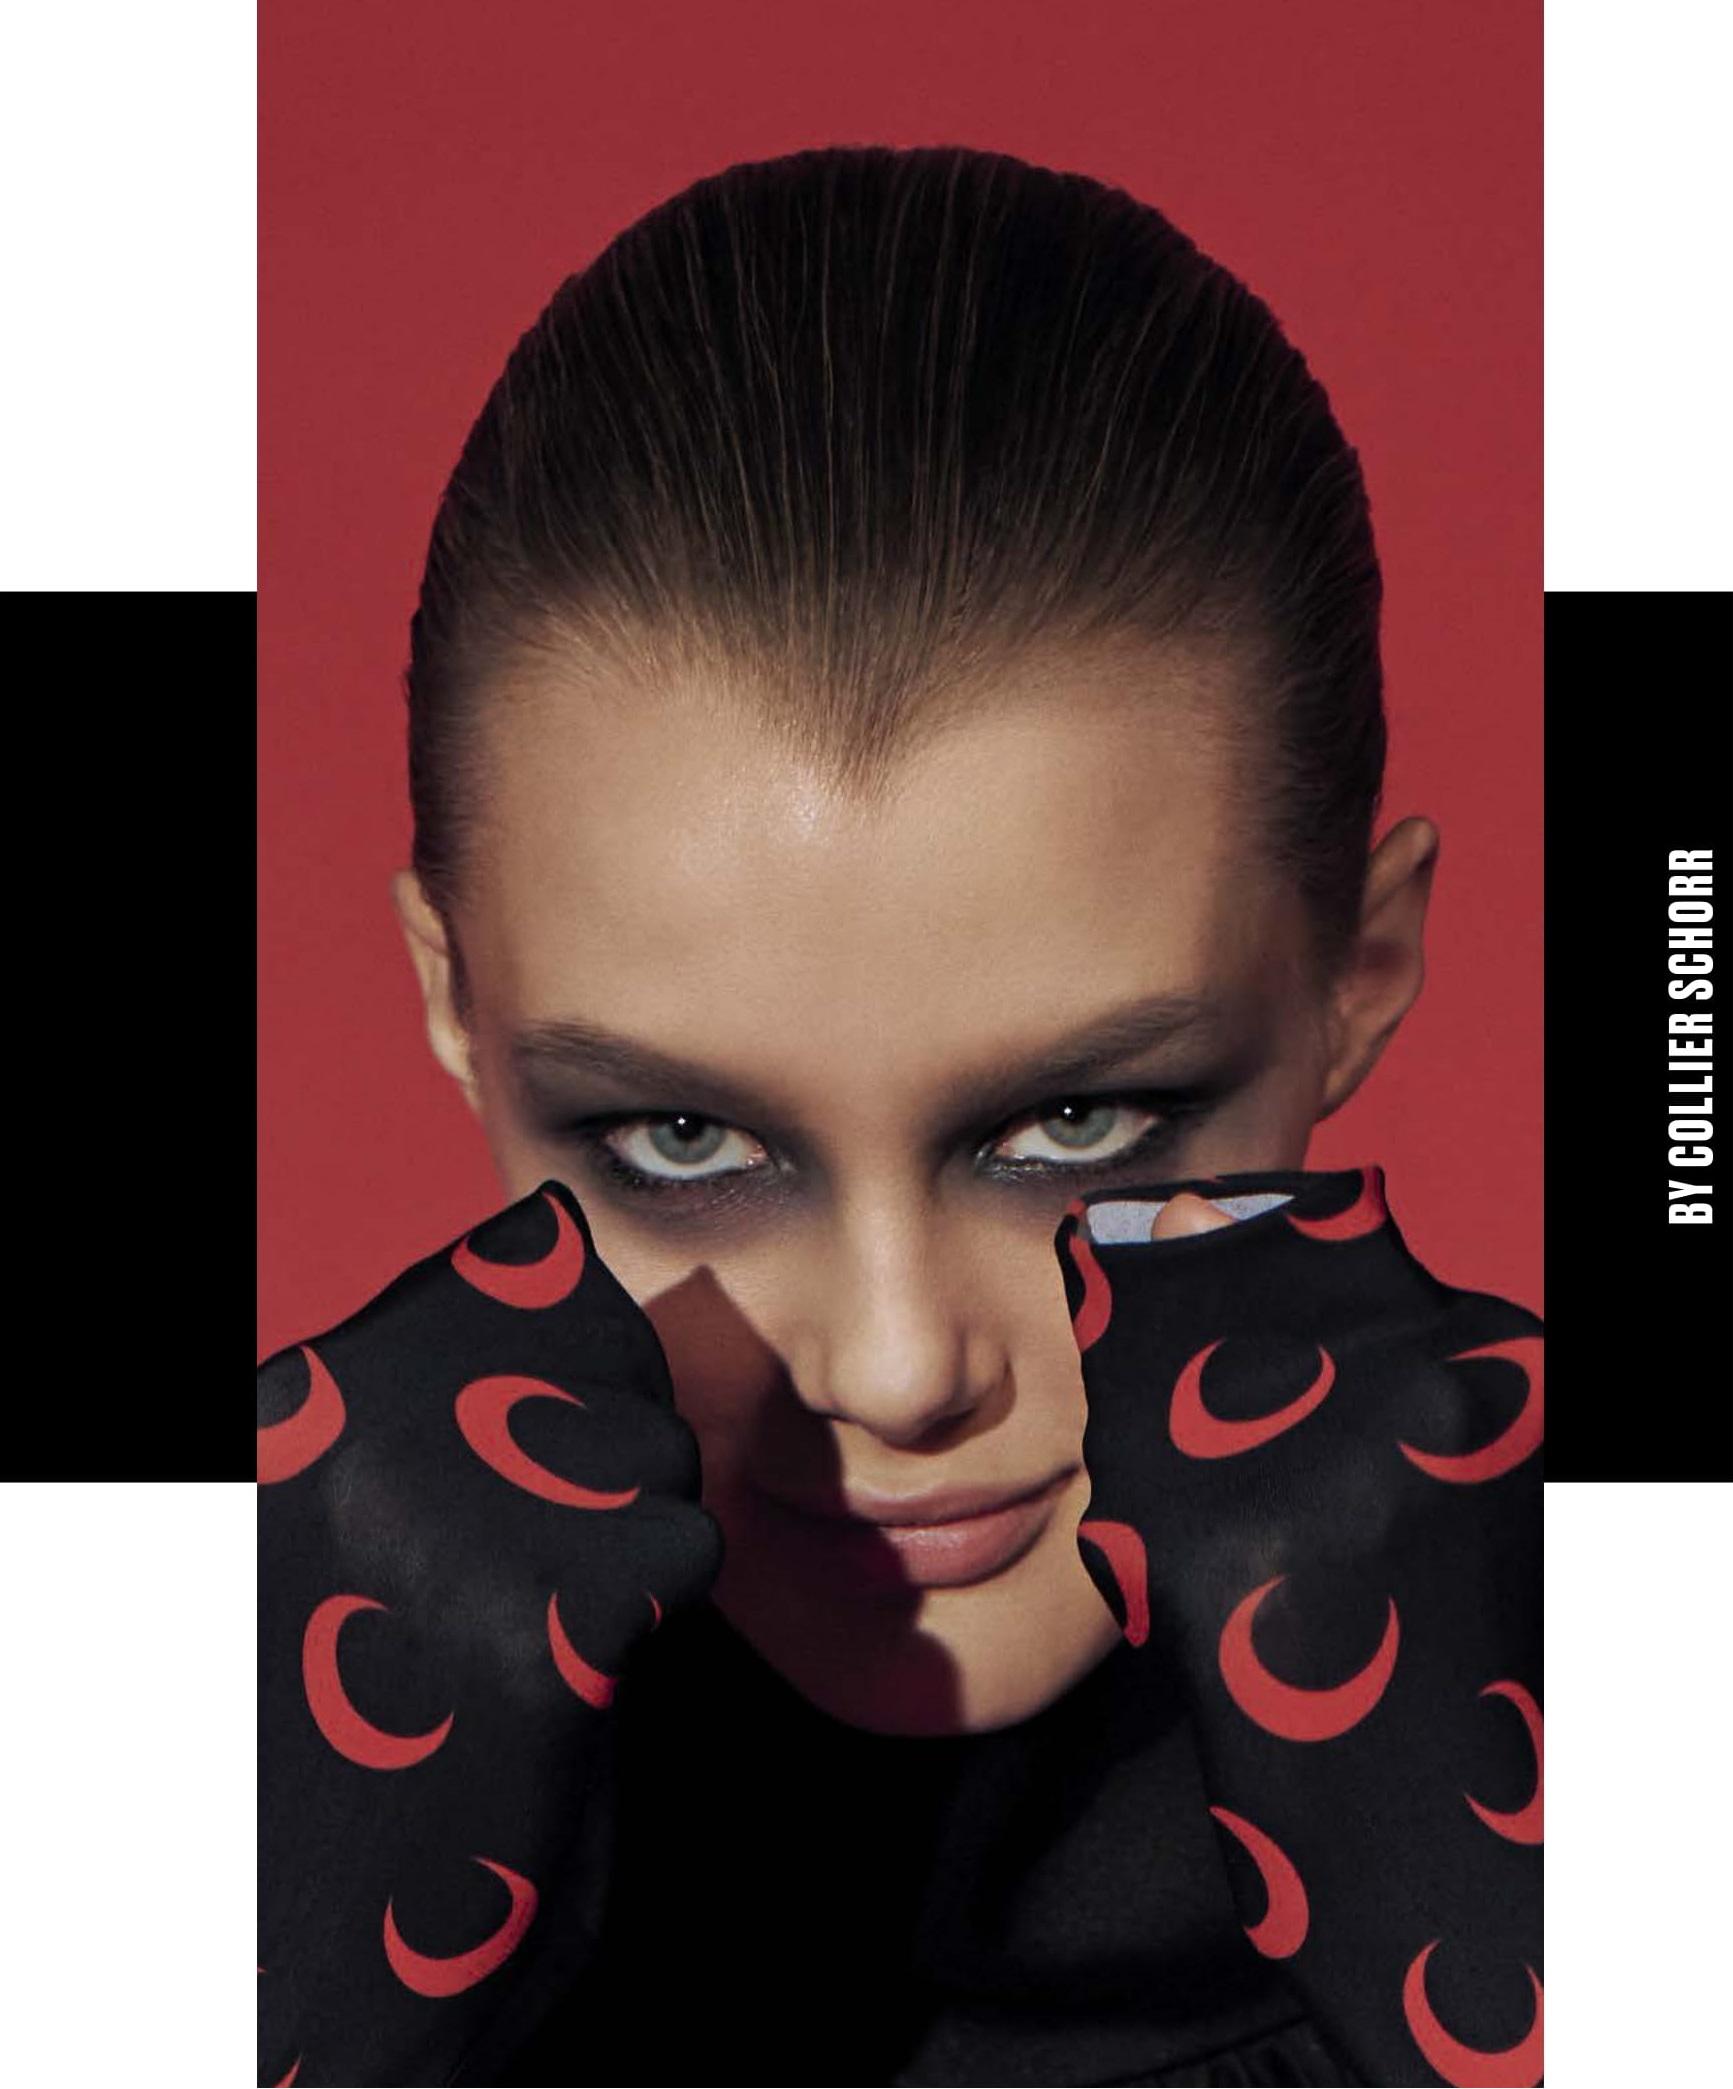 Kris Grikaite, Anok Yai by Collier Schorr Vogue Italy (7).jpg